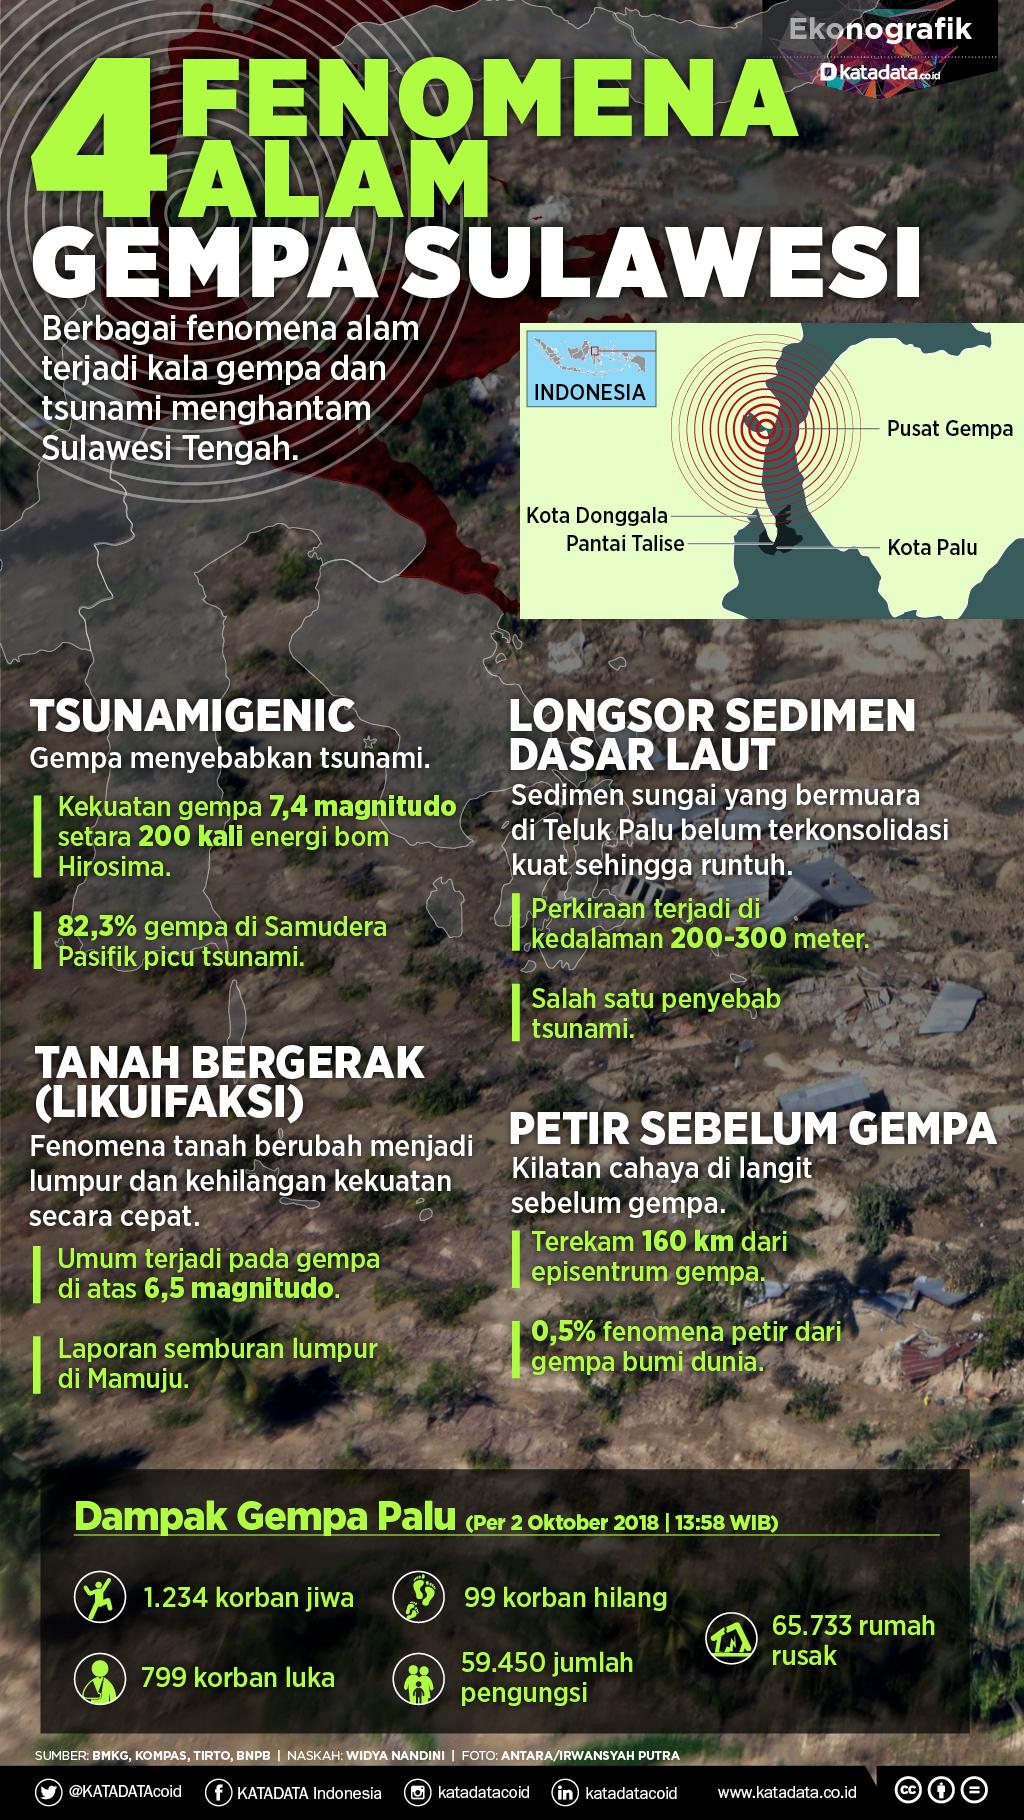 4 Fenomena Alam Gempa Sulawesi Rev